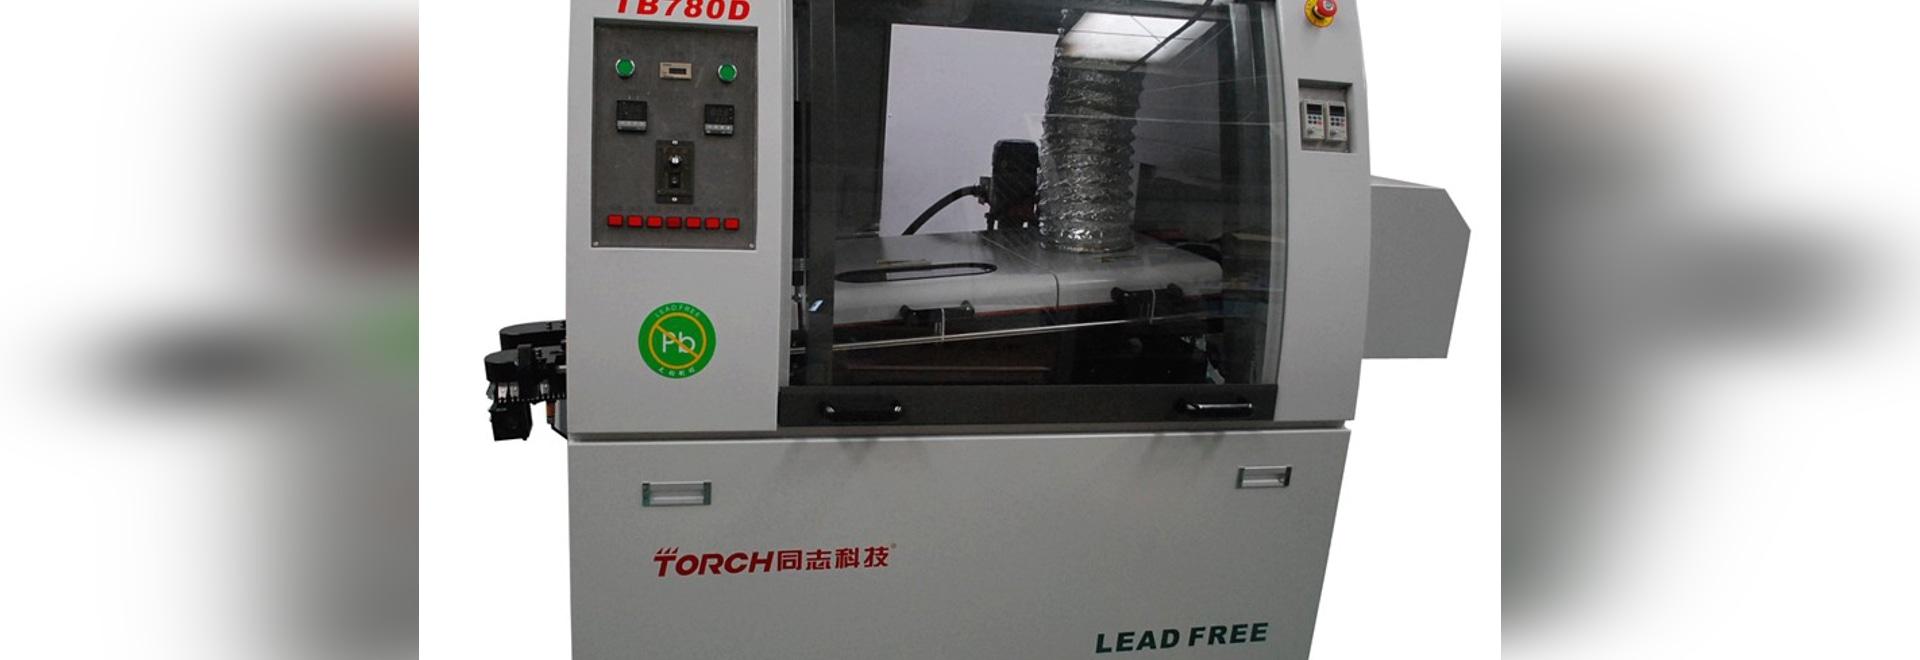 Machine de soudure de double de vague de SMT vague automatique en ligne de crête   TB780D